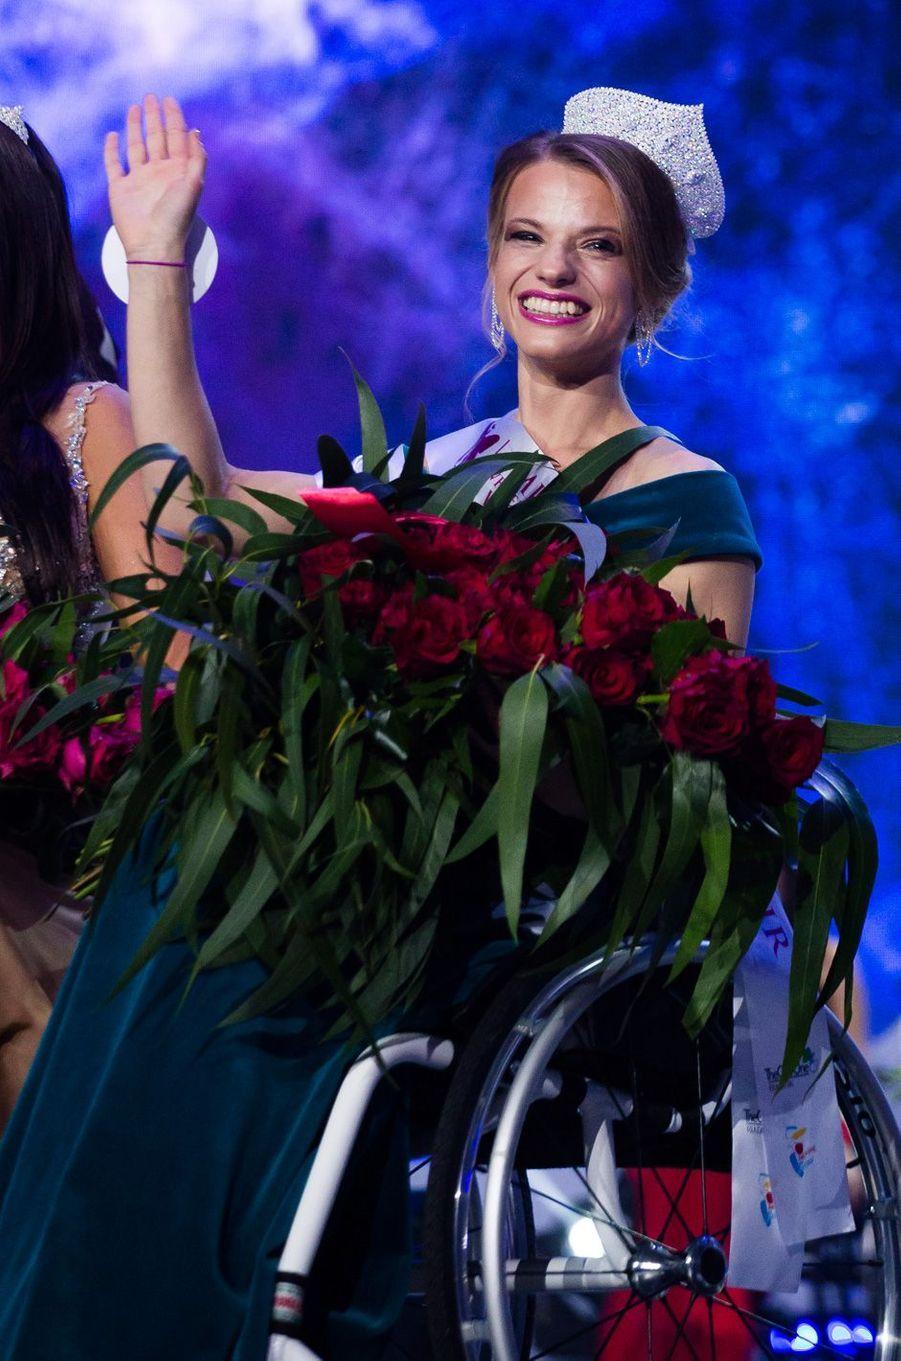 La Bélarusse Alexandra Chichikova, 23 ans, sacrée samedi Miss Monde en fauteuil roulant.